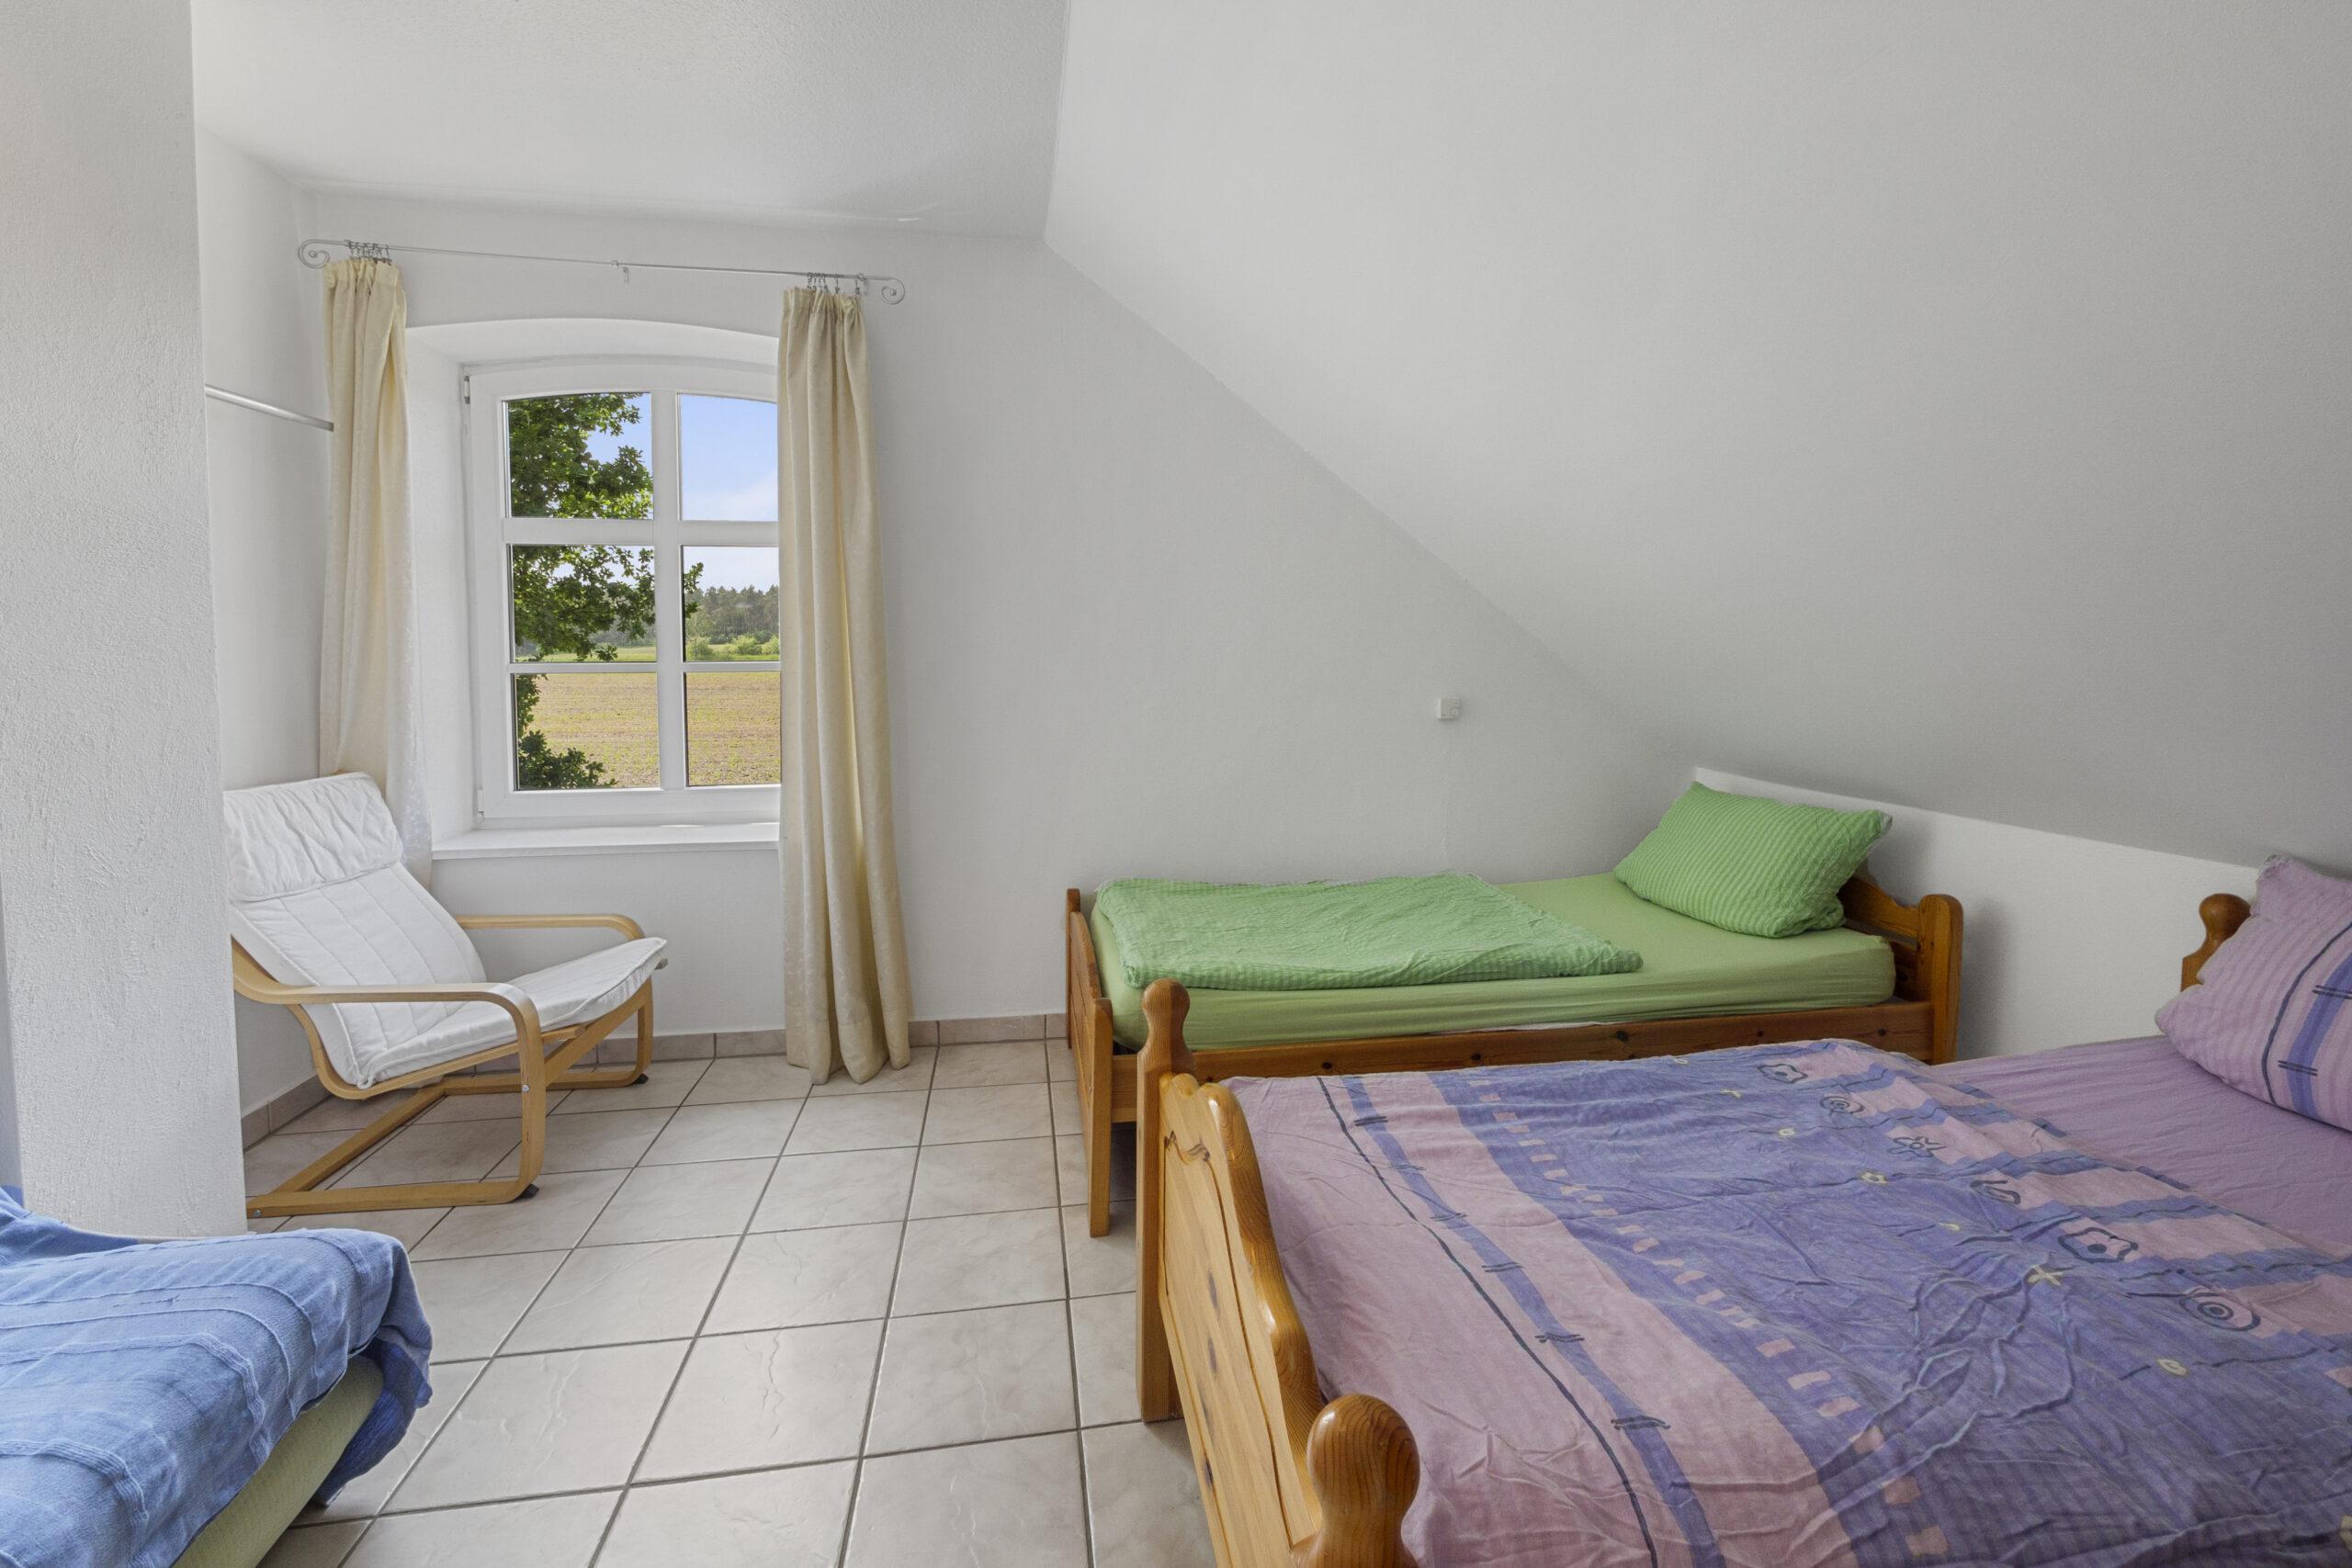 Ferienhaus 2_2. Schlafzimmer_2